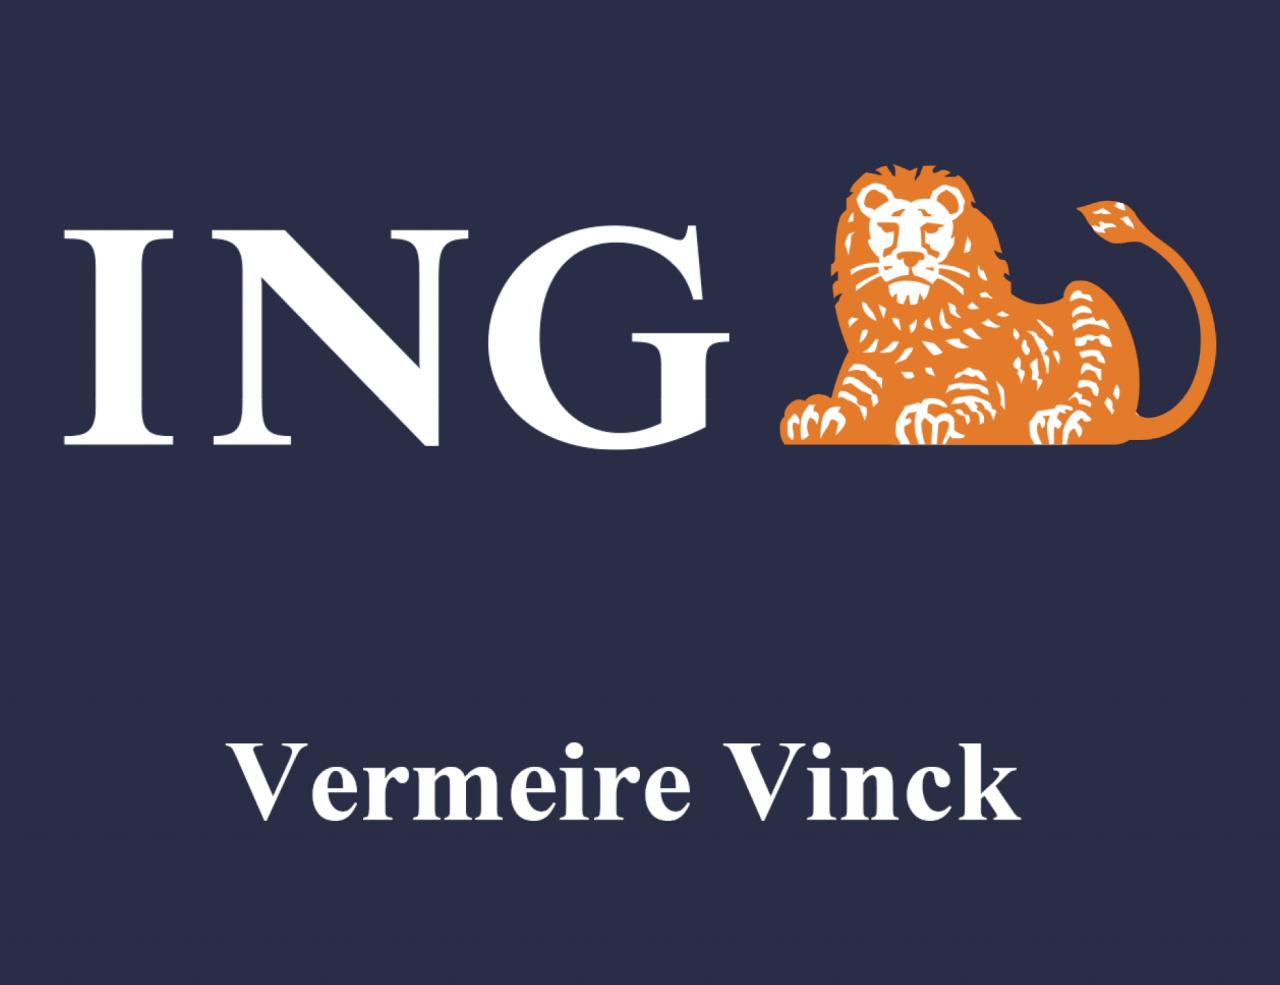 ING Vermeire Vinck